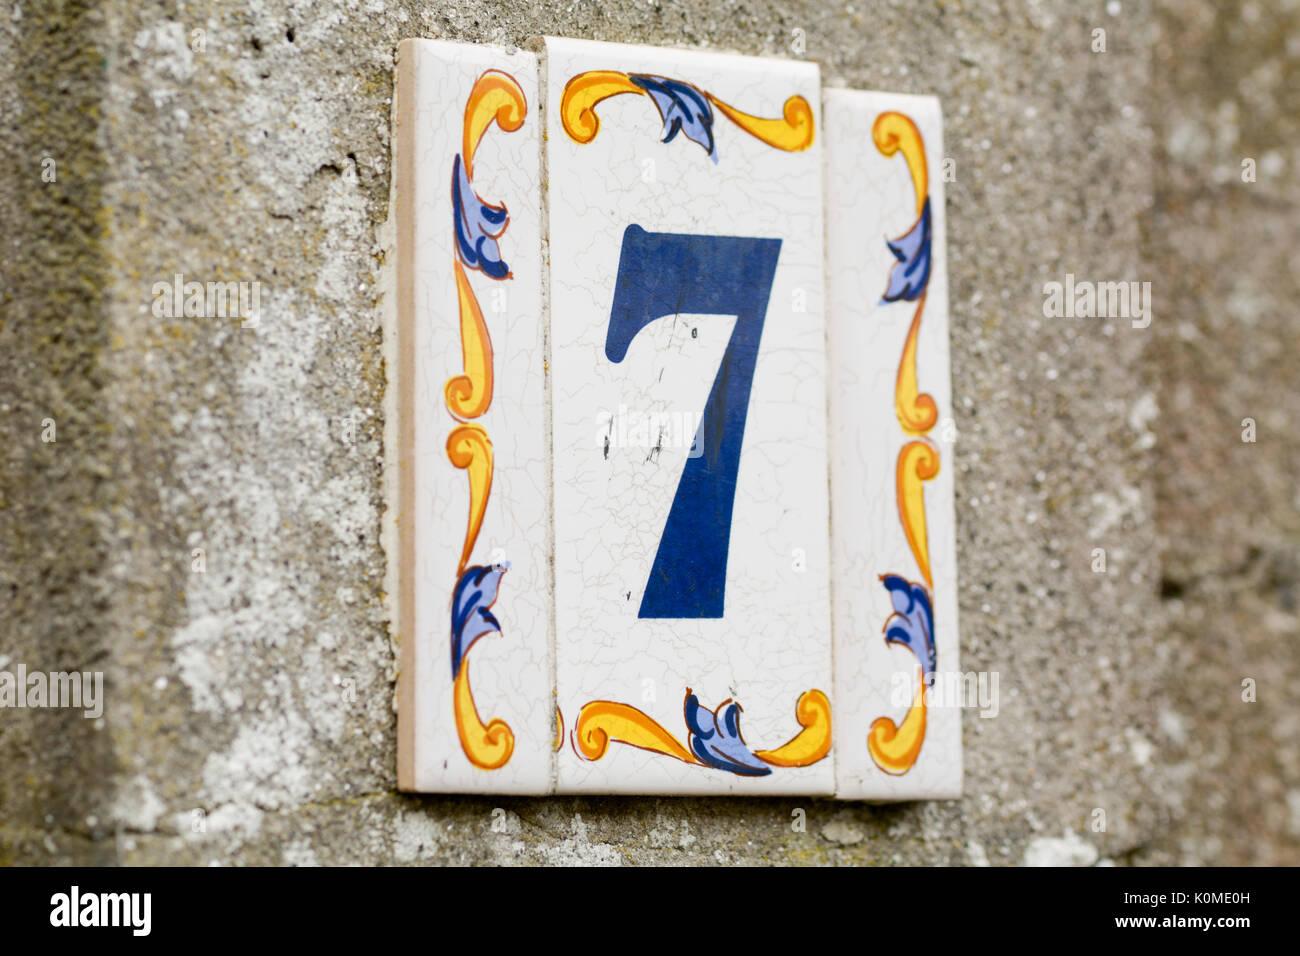 Numero civico segno sulla piastrella ceramica foto immagine